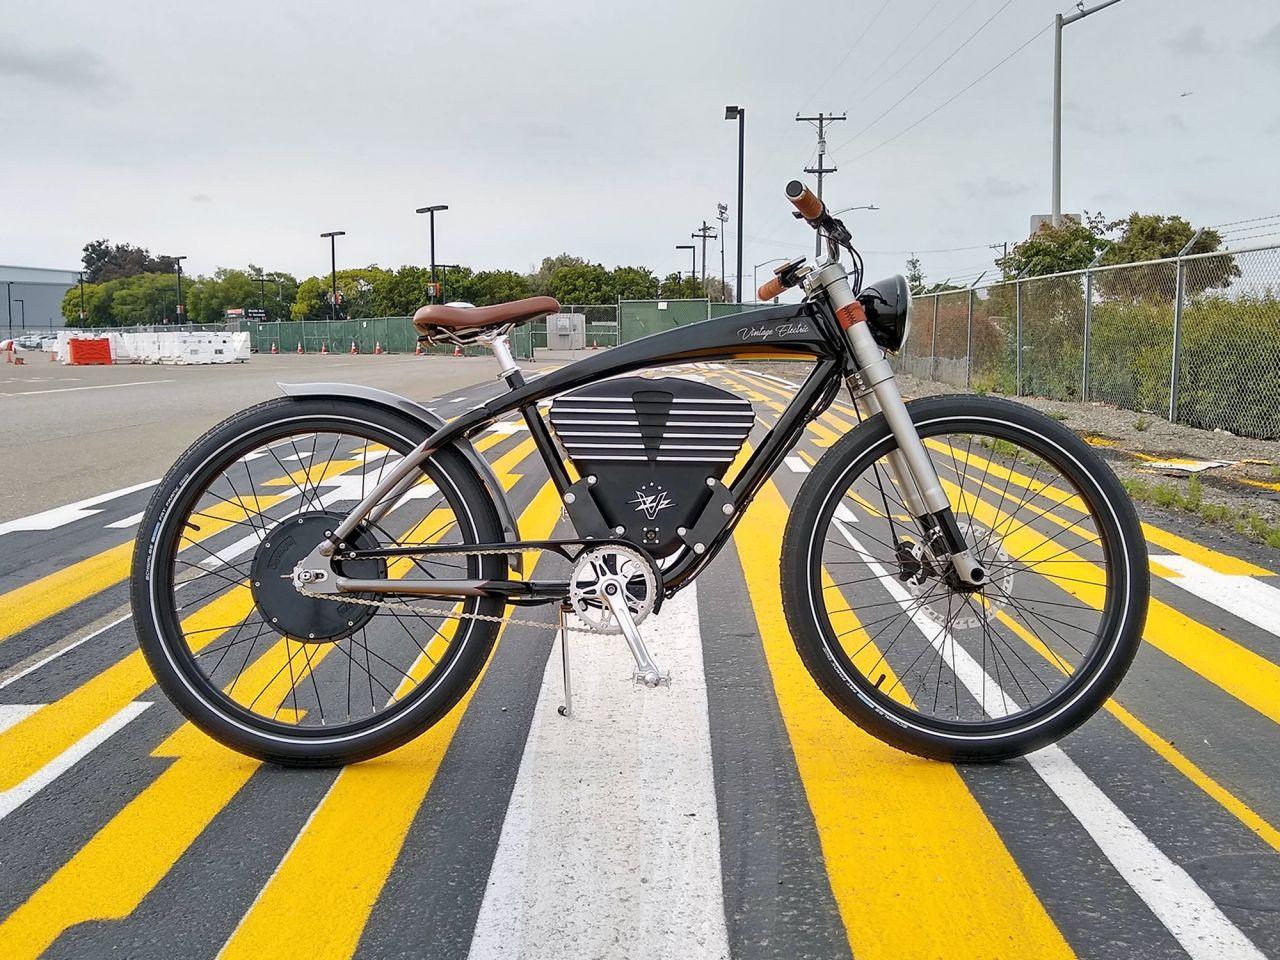 Üst seviye elektrikli bisiklet: 2020 Vintage Electric Roadster - Page 2